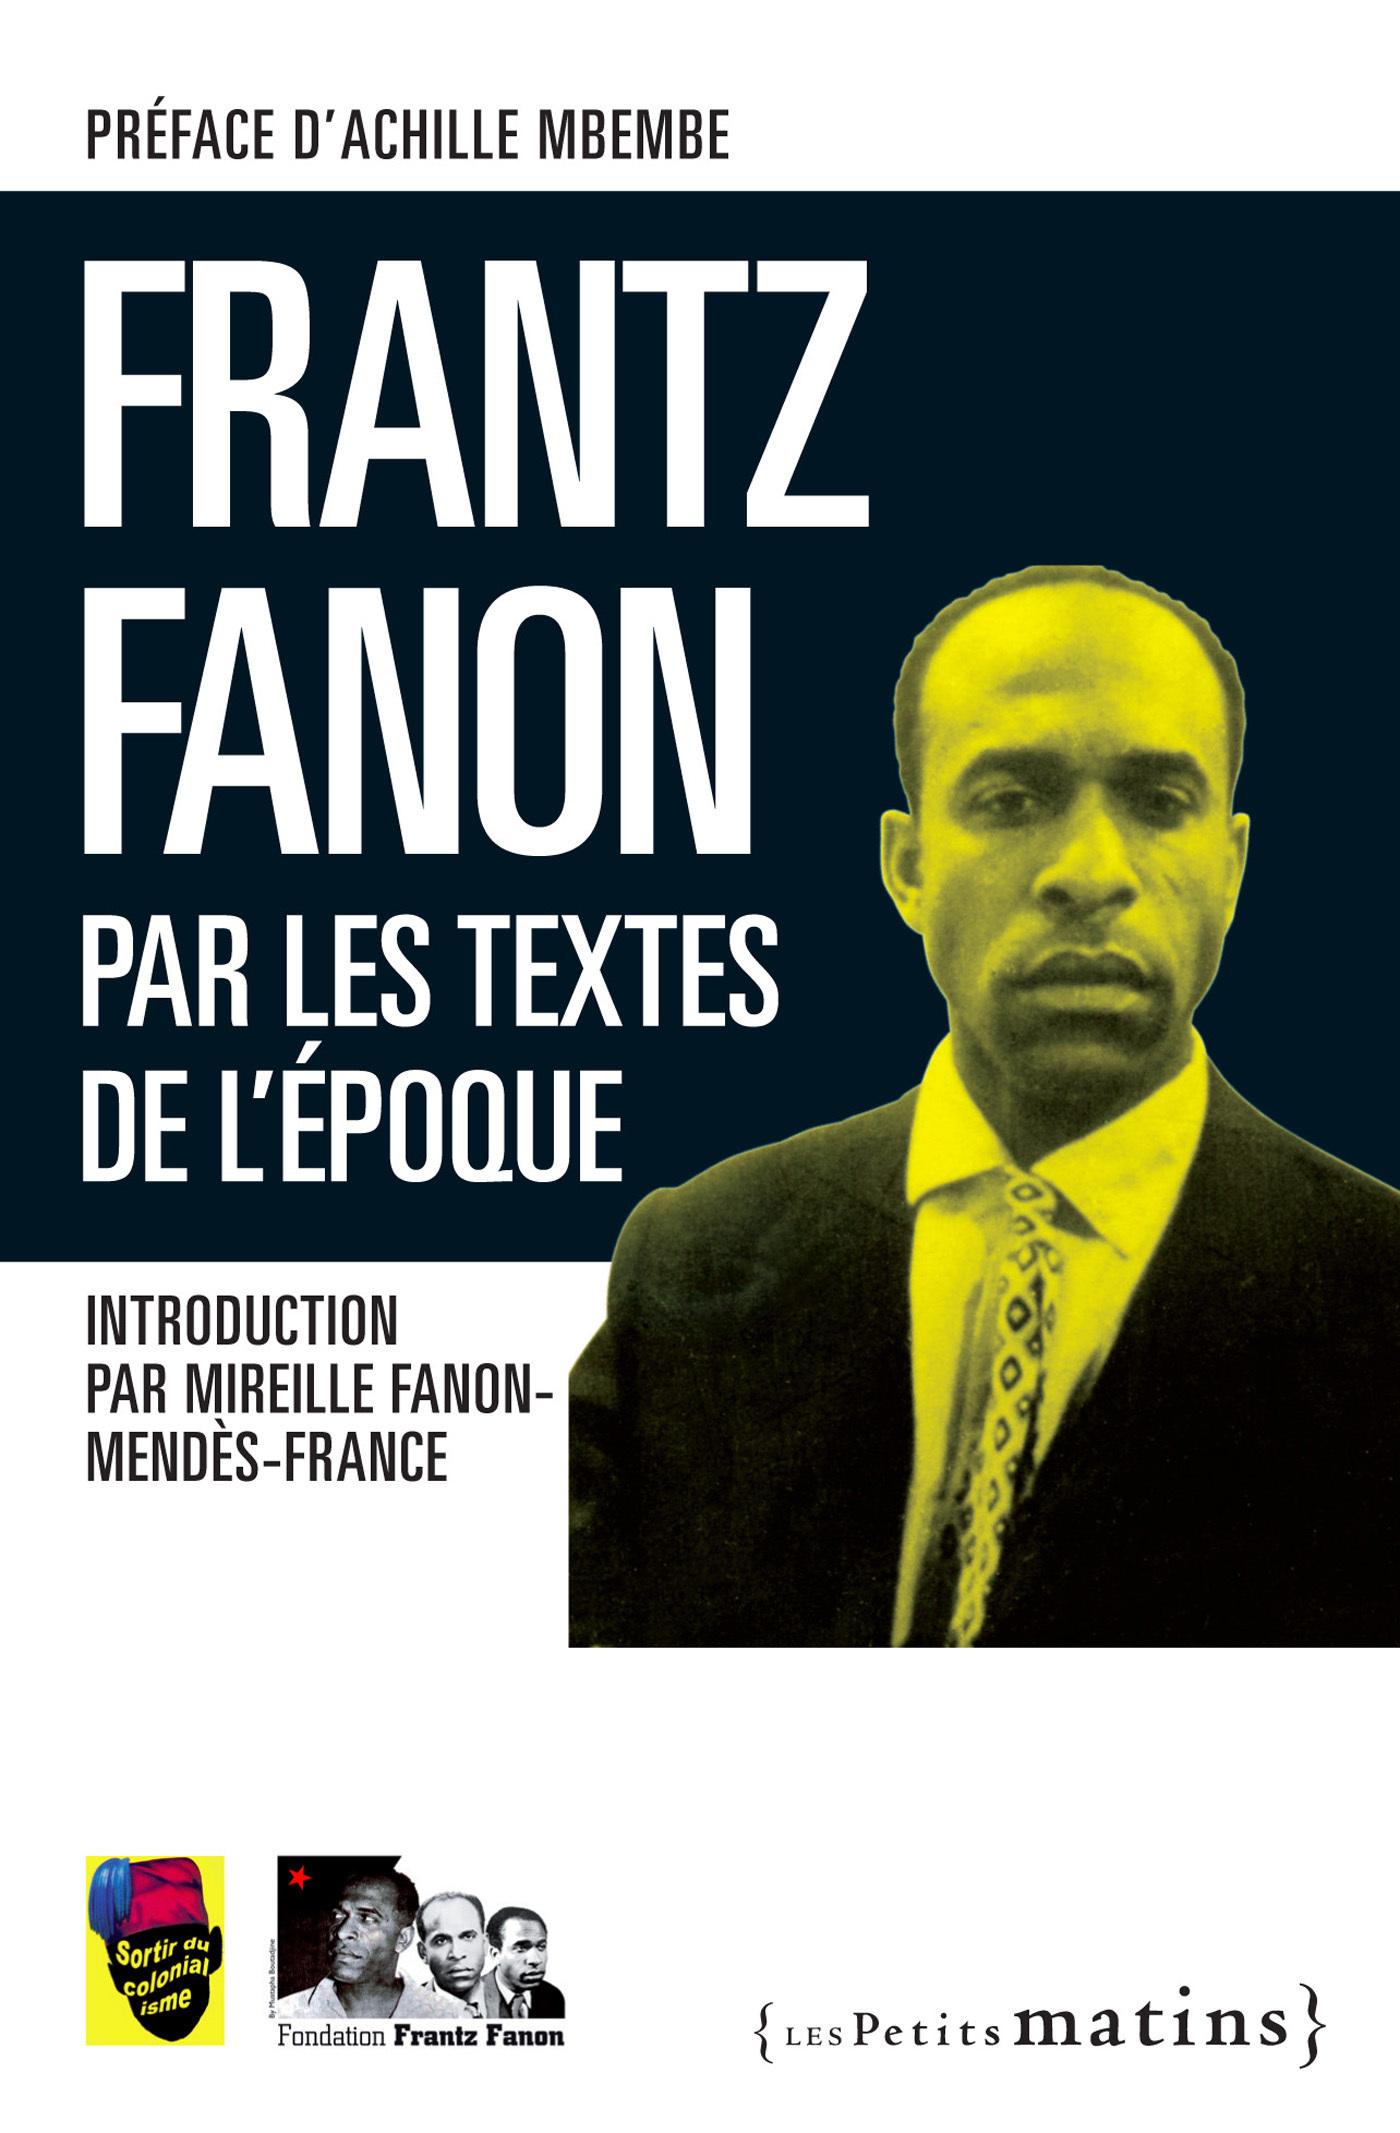 Frantz Fanon par les textes de l'époque